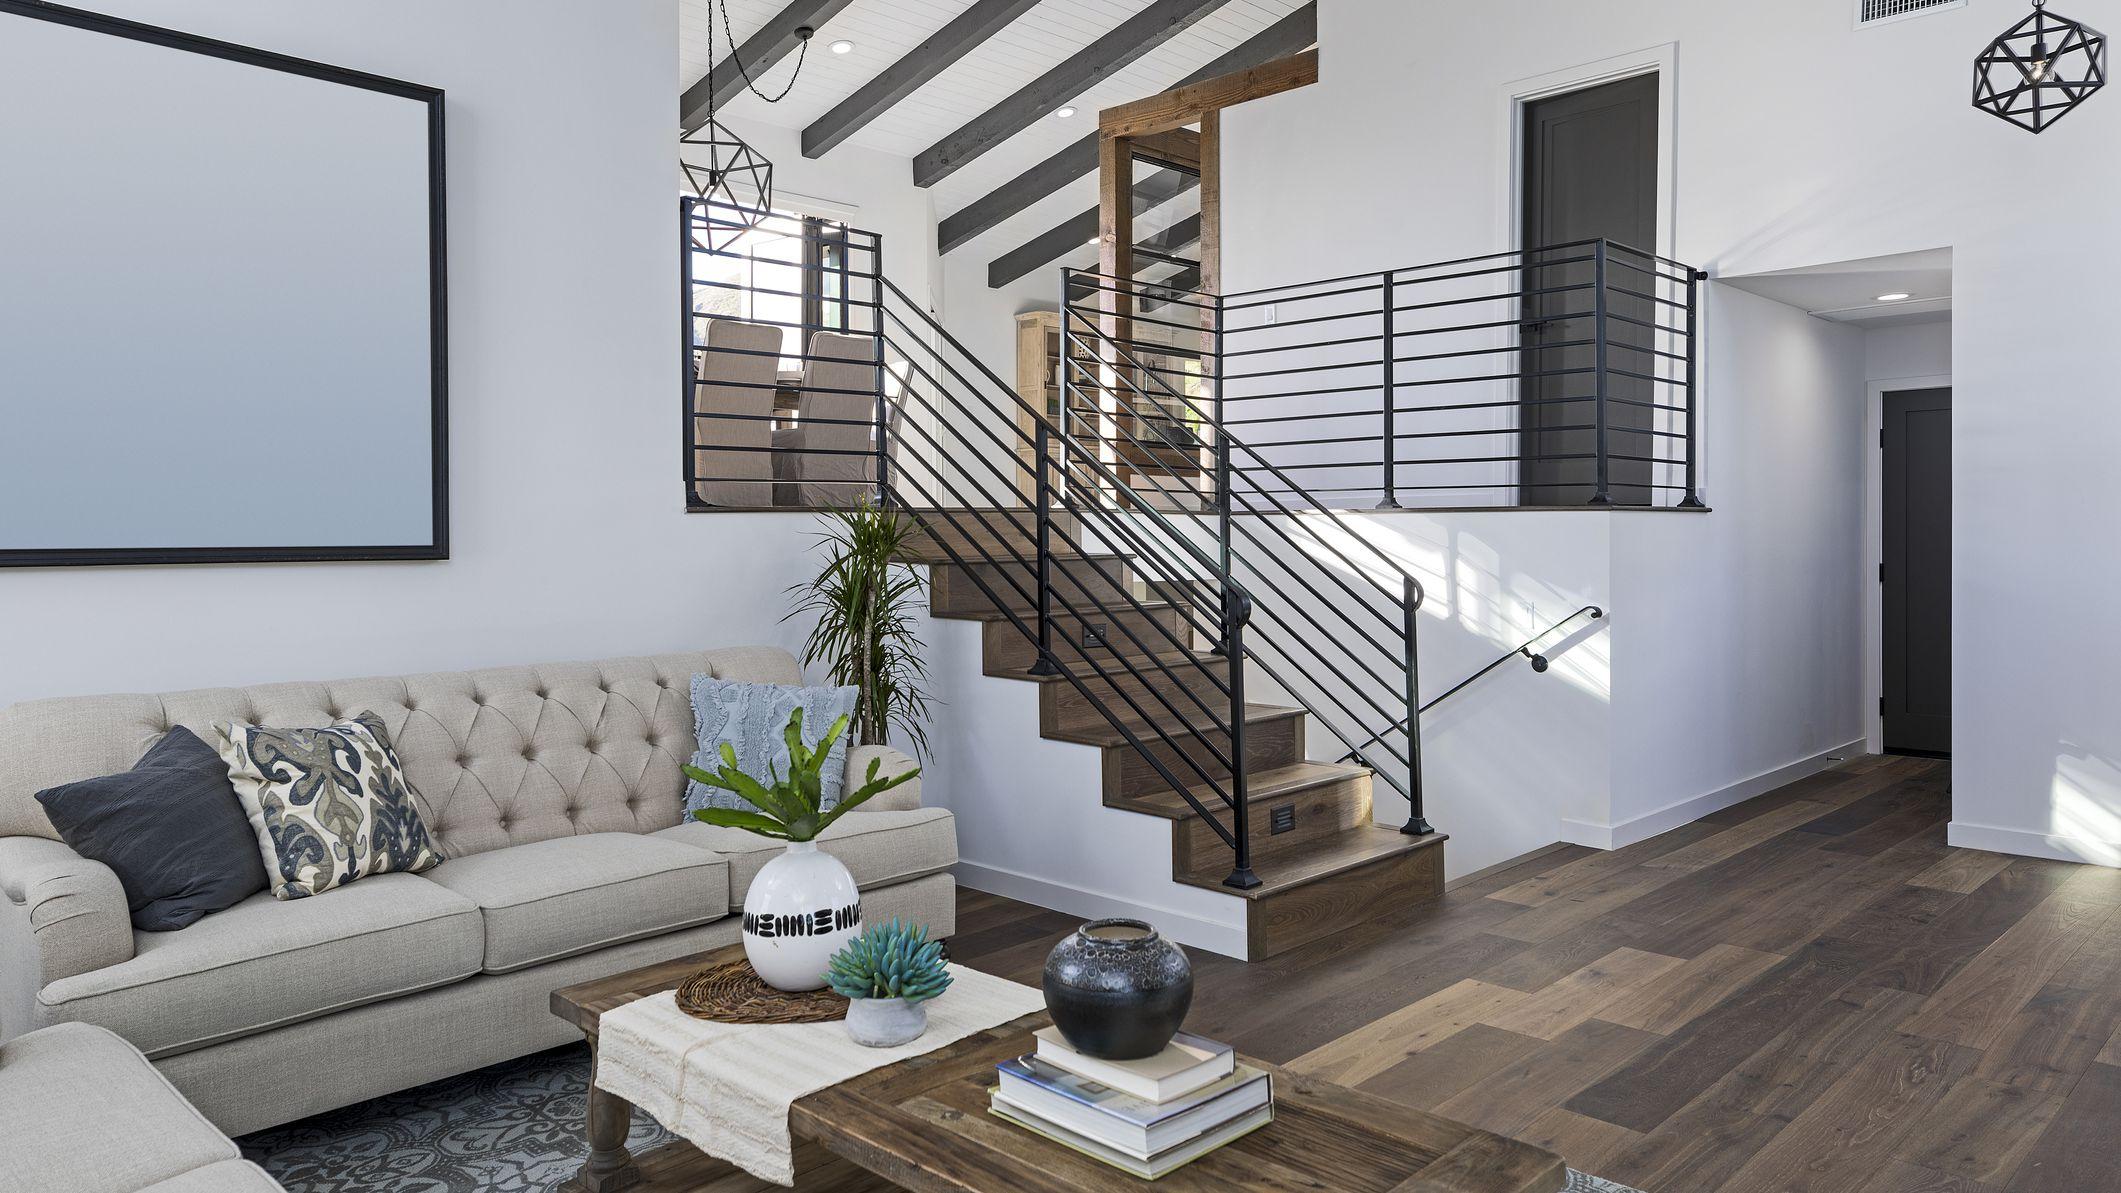 modern-living-room-1036309800-2eacf87caa1d4201b024d30a806d02b5